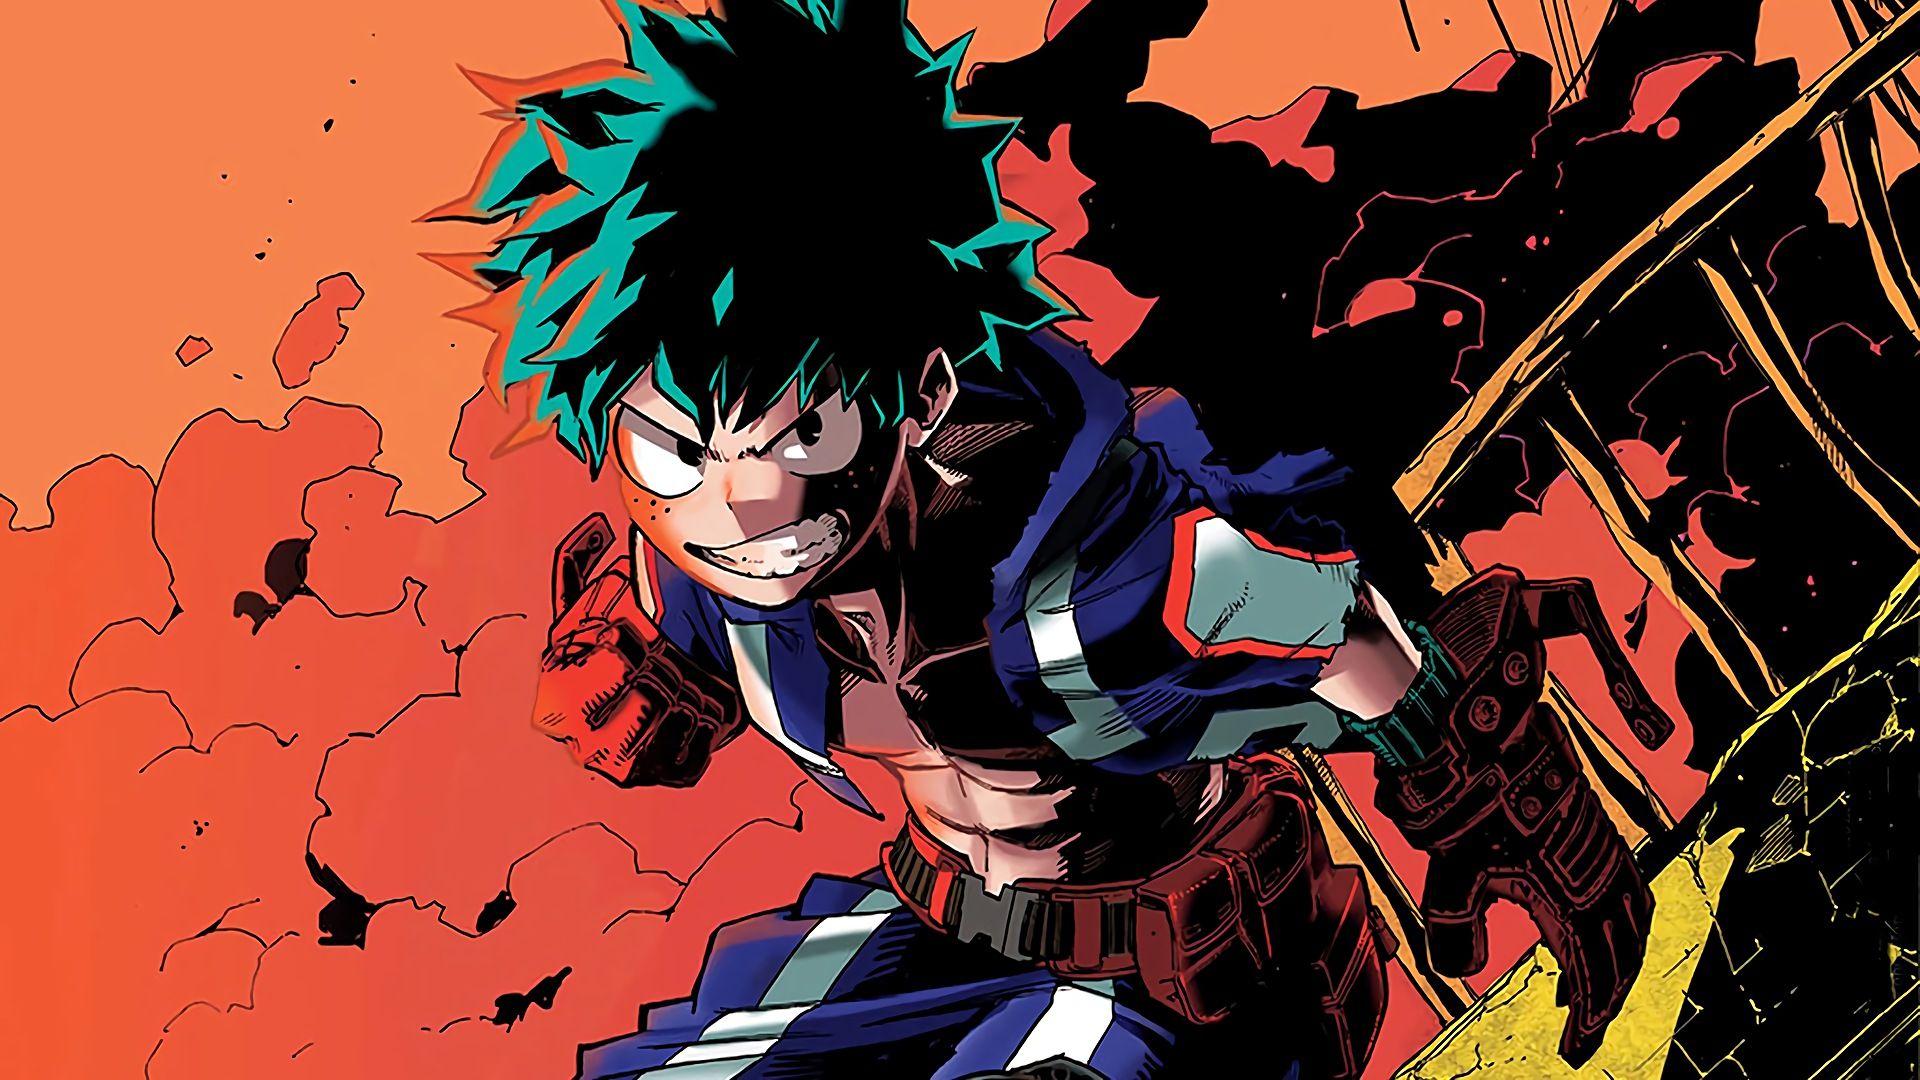 Manga Anime Anime Art Portal Boku No Hero Academia Viera Naruto